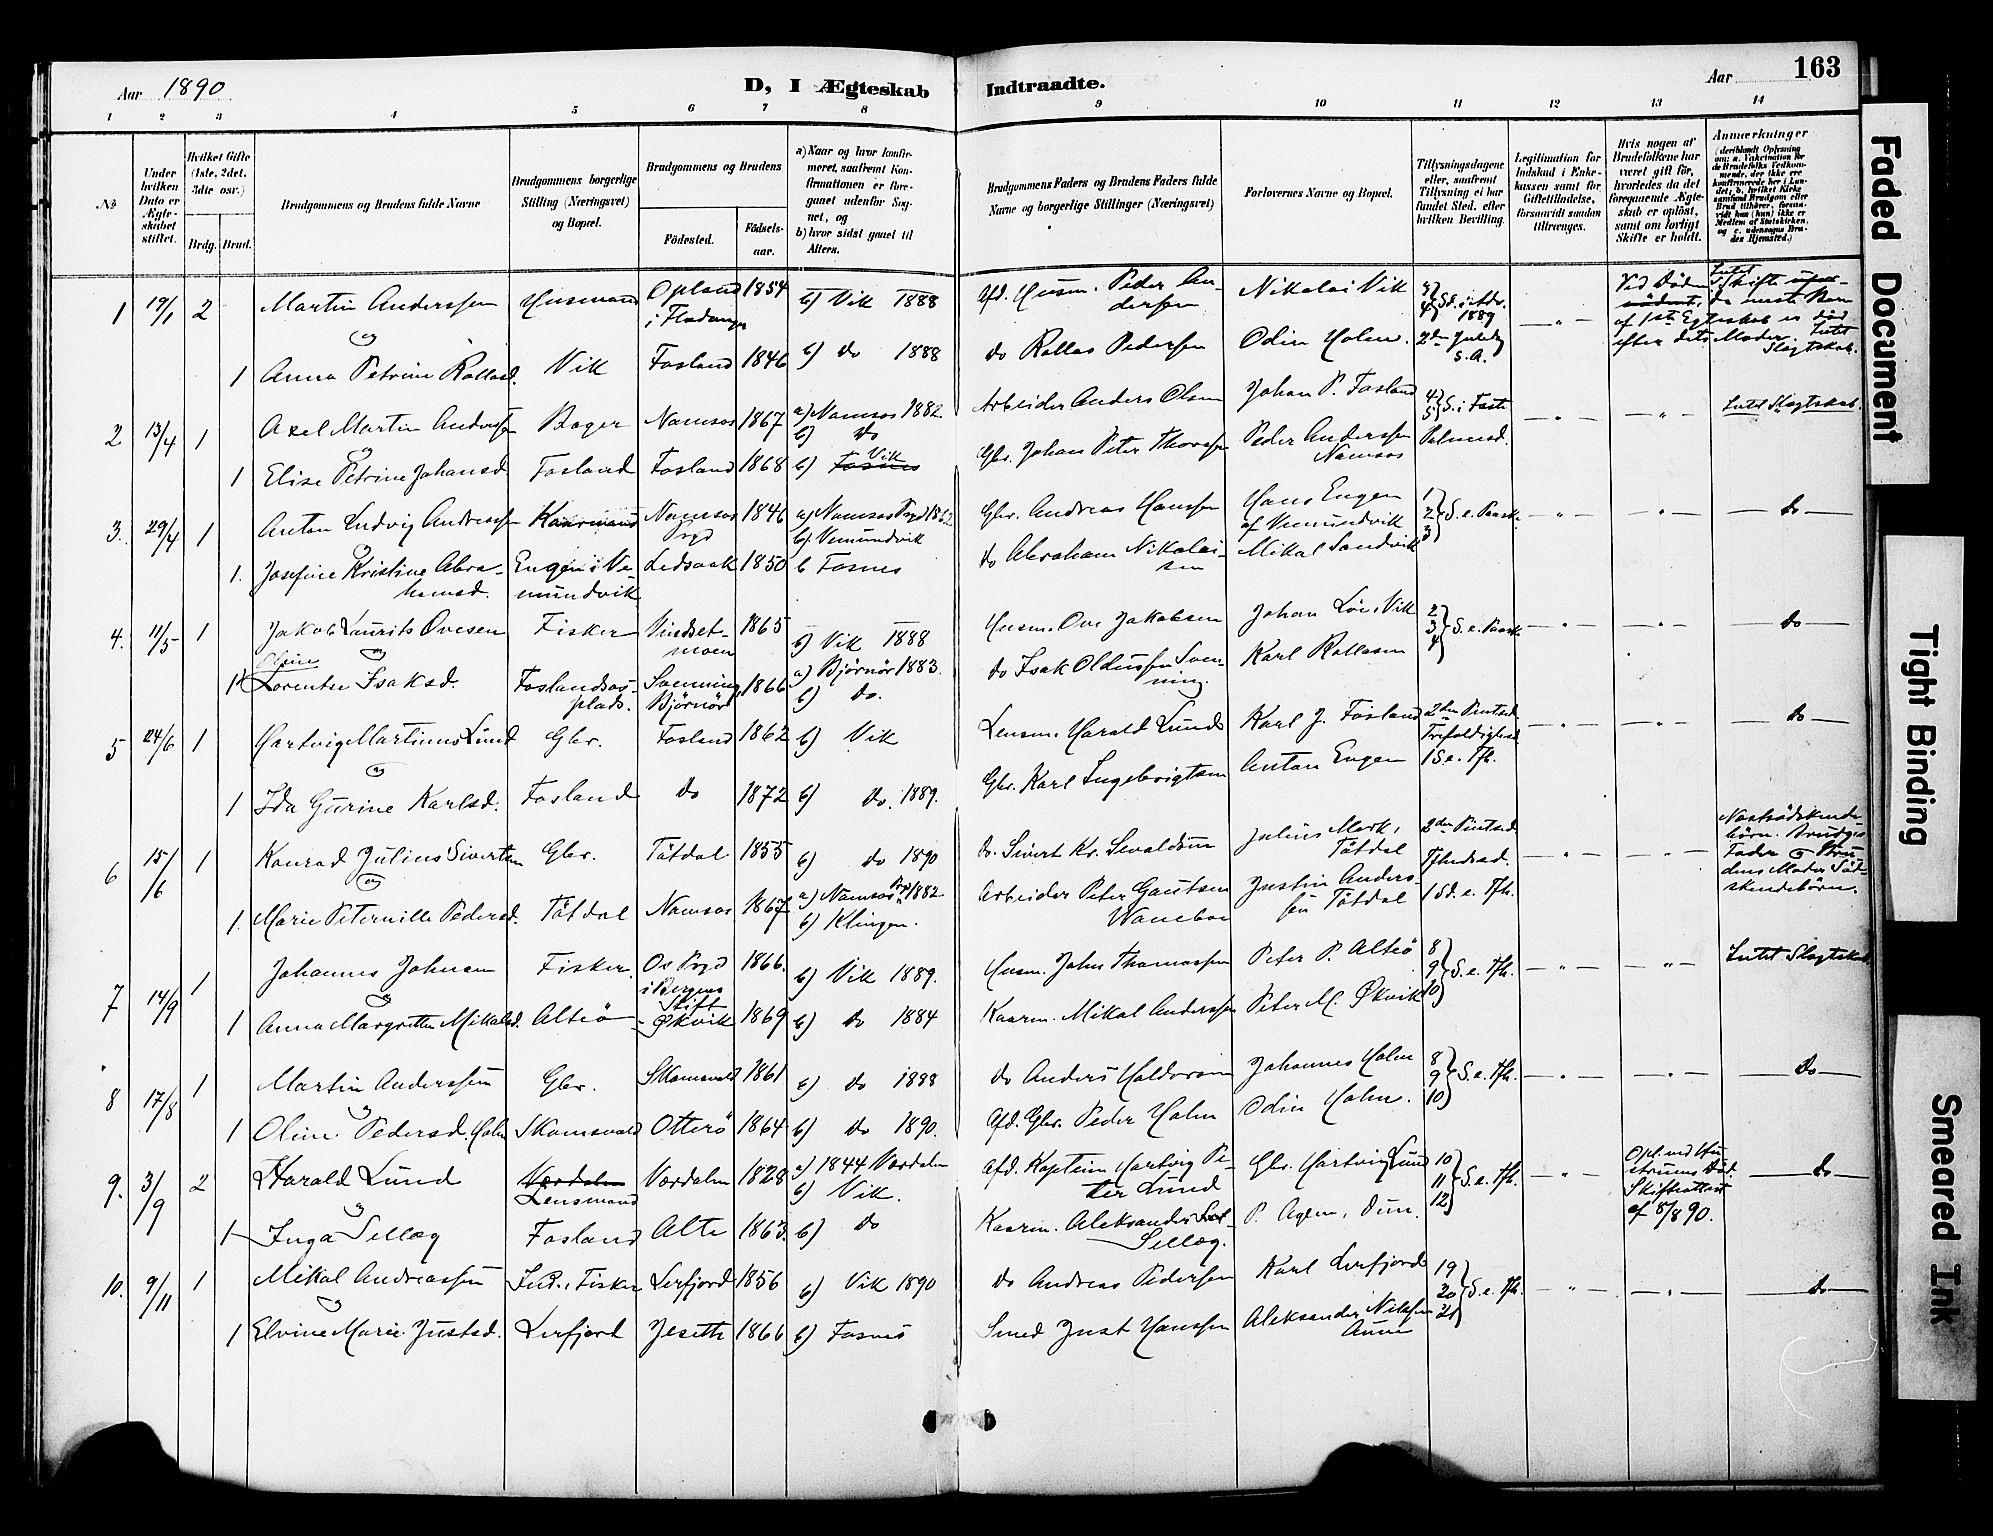 SAT, Ministerialprotokoller, klokkerbøker og fødselsregistre - Nord-Trøndelag, 774/L0628: Ministerialbok nr. 774A02, 1887-1903, s. 163